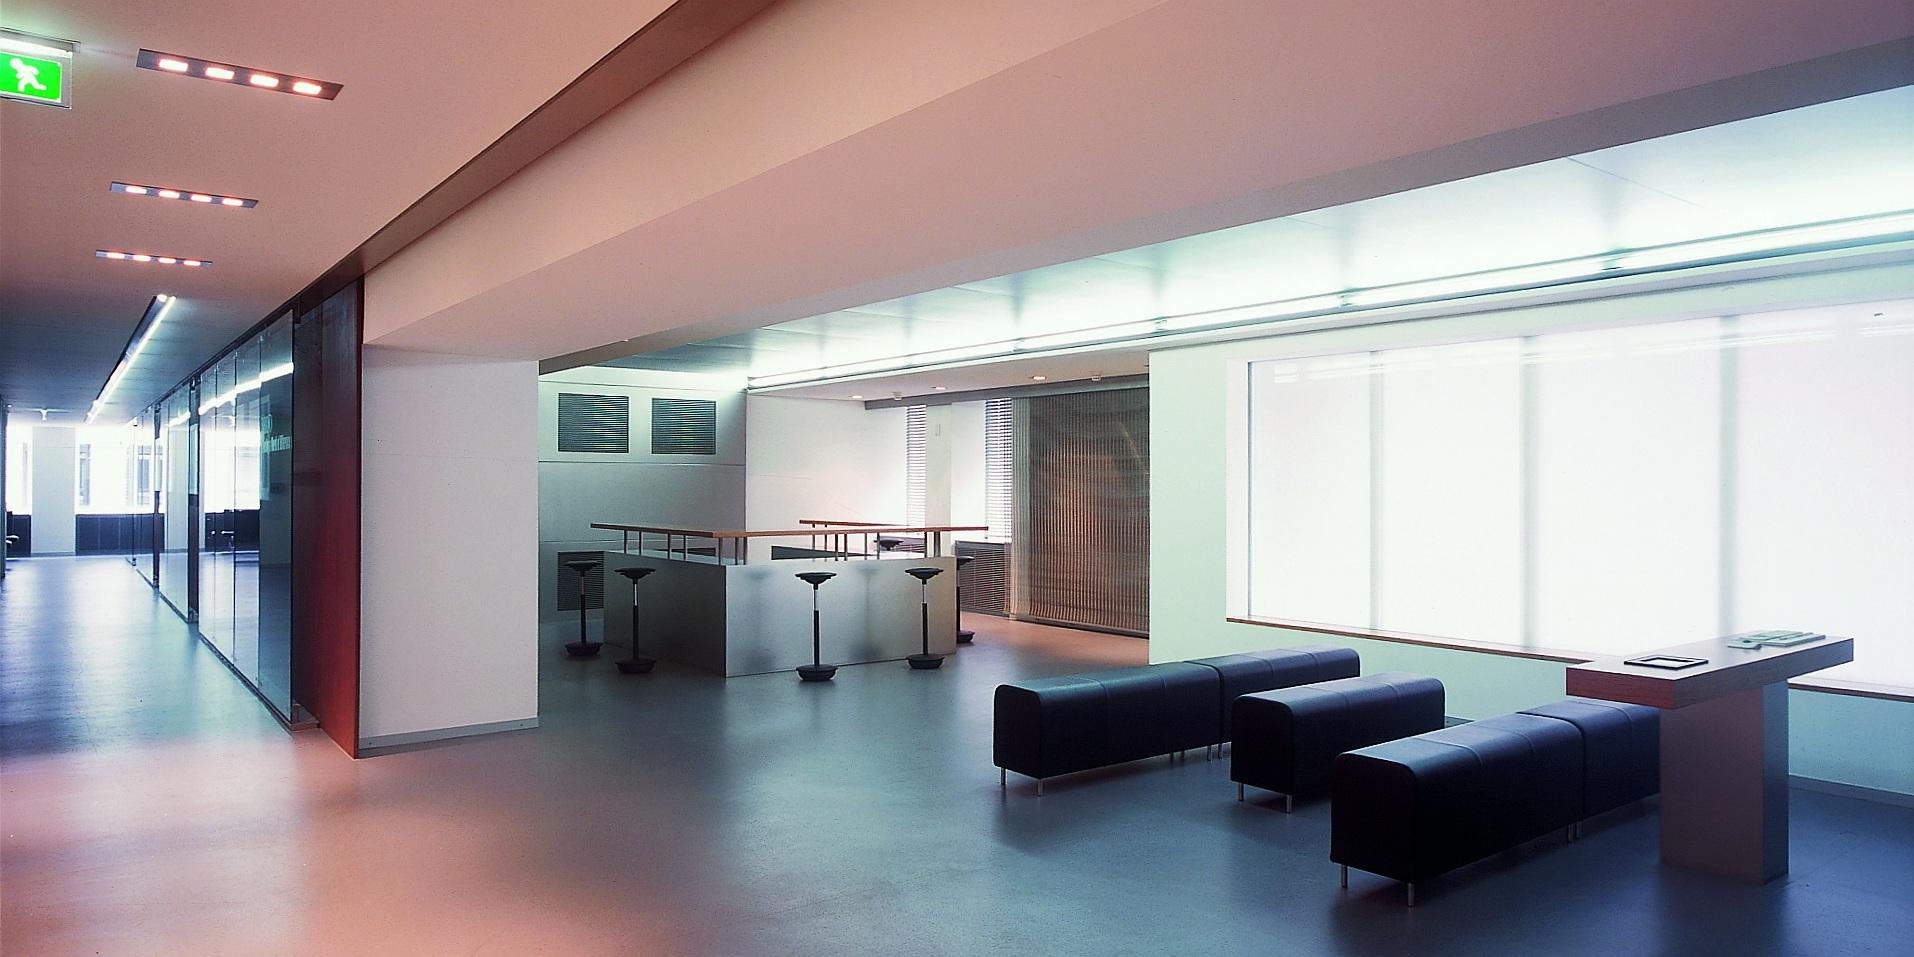 Umbau und Neugestaltung Büroetage für BBDO – Düsseldorf, Frick.Reichert Architekten